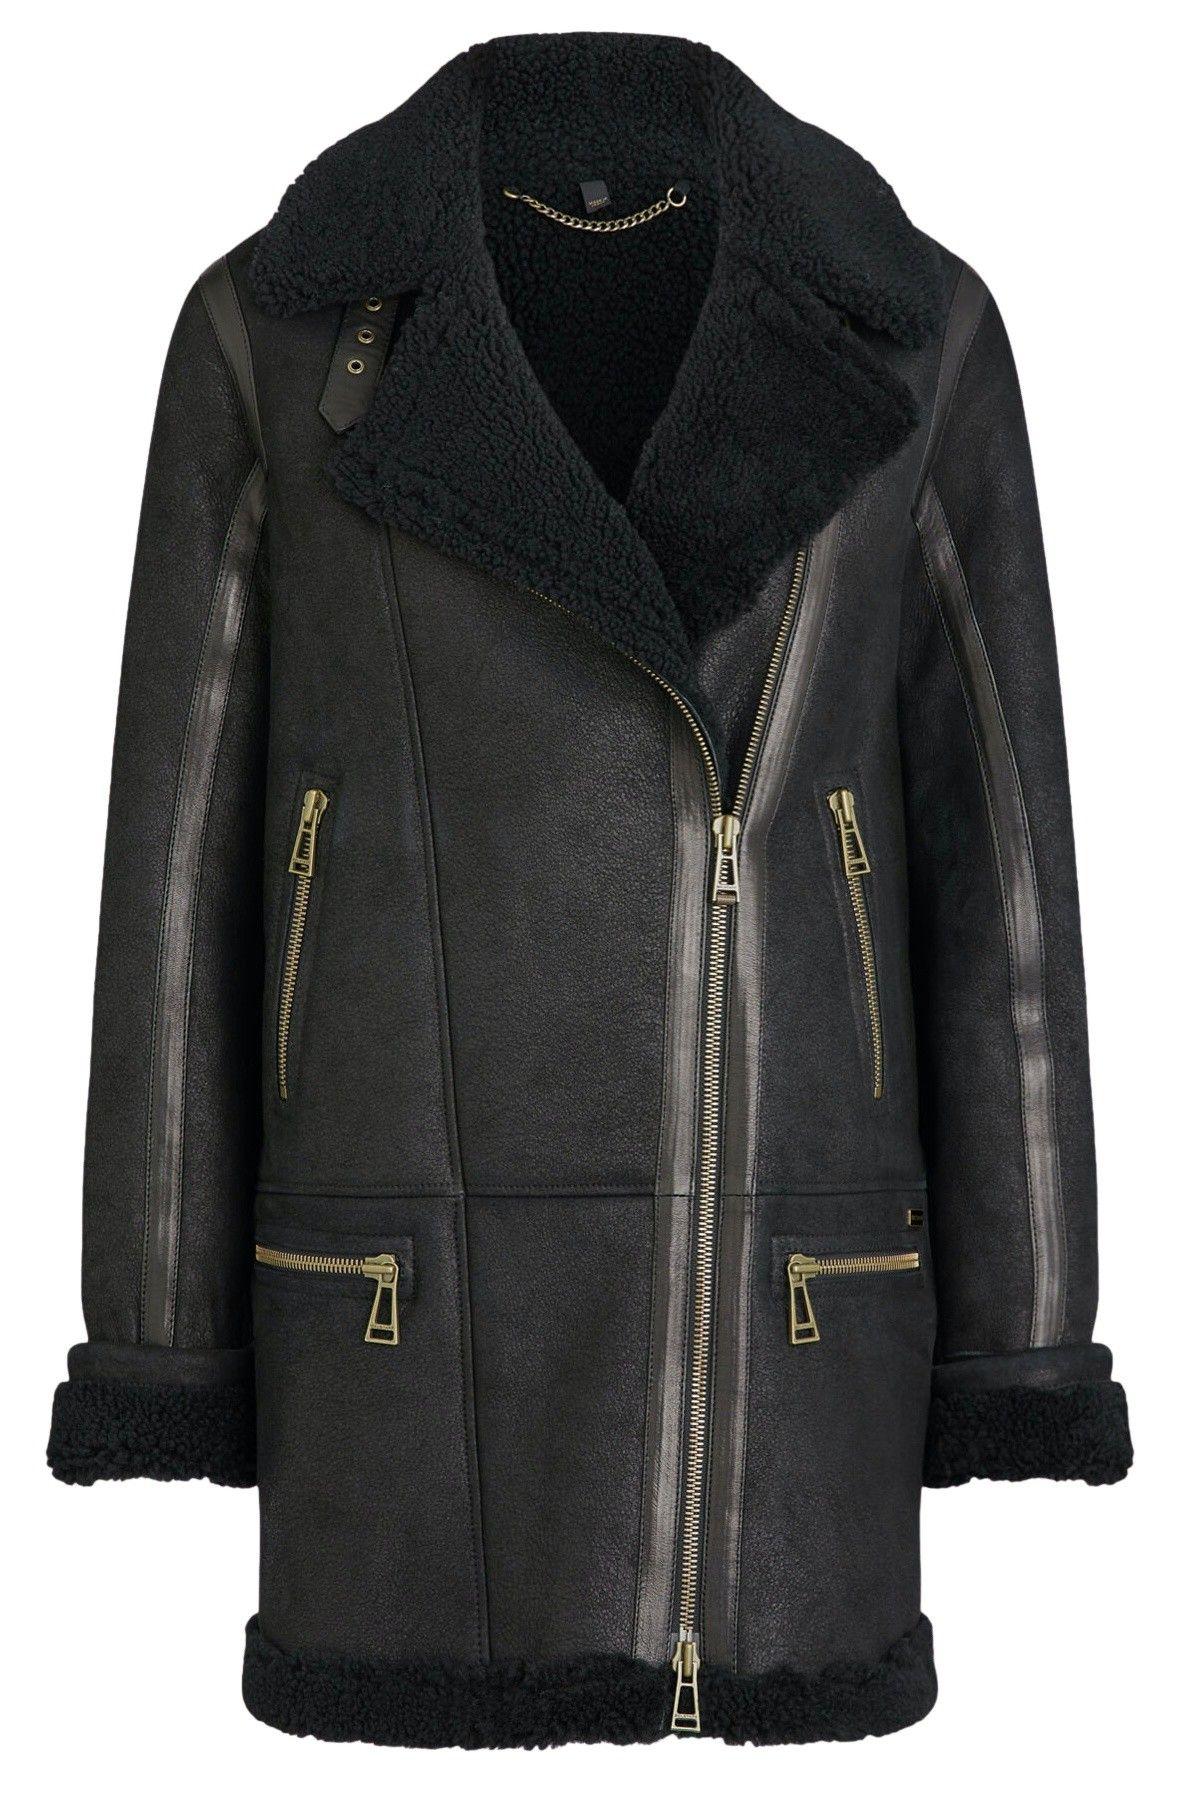 BELSTAFF - Damen Jacke - Avia Jacket - Black/Black